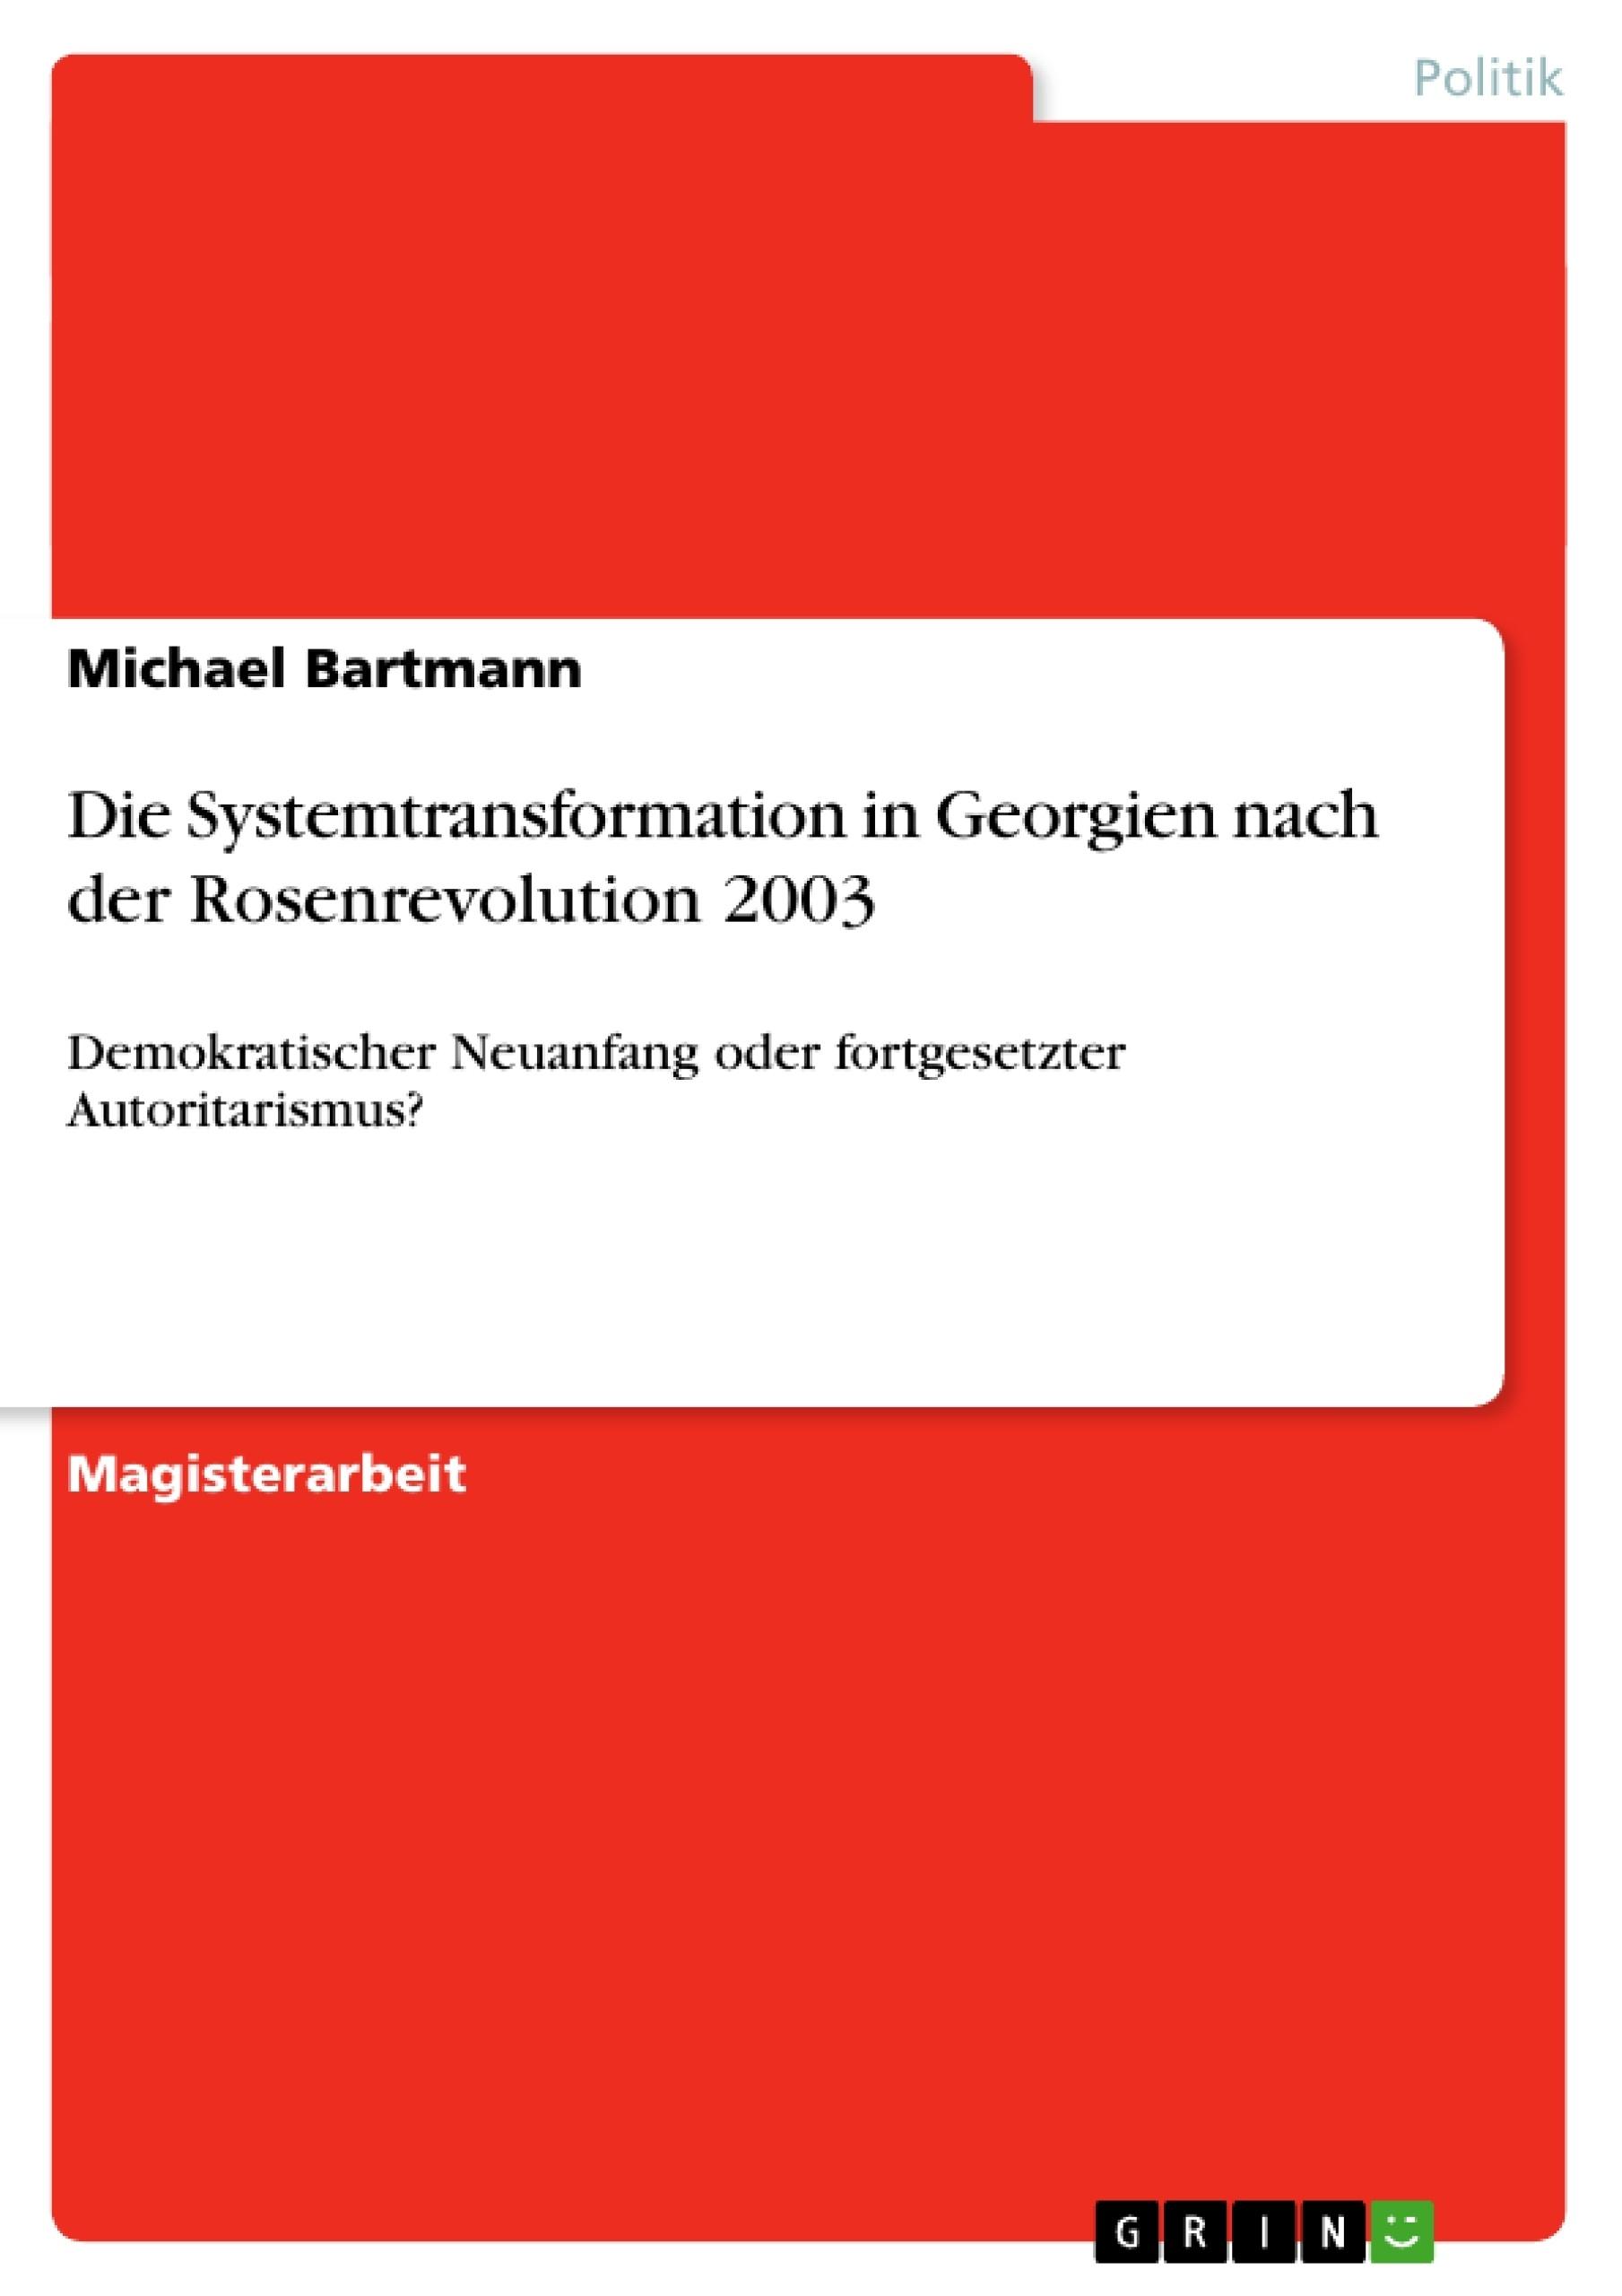 Titel: Die Systemtransformation in Georgien nach der Rosenrevolution 2003